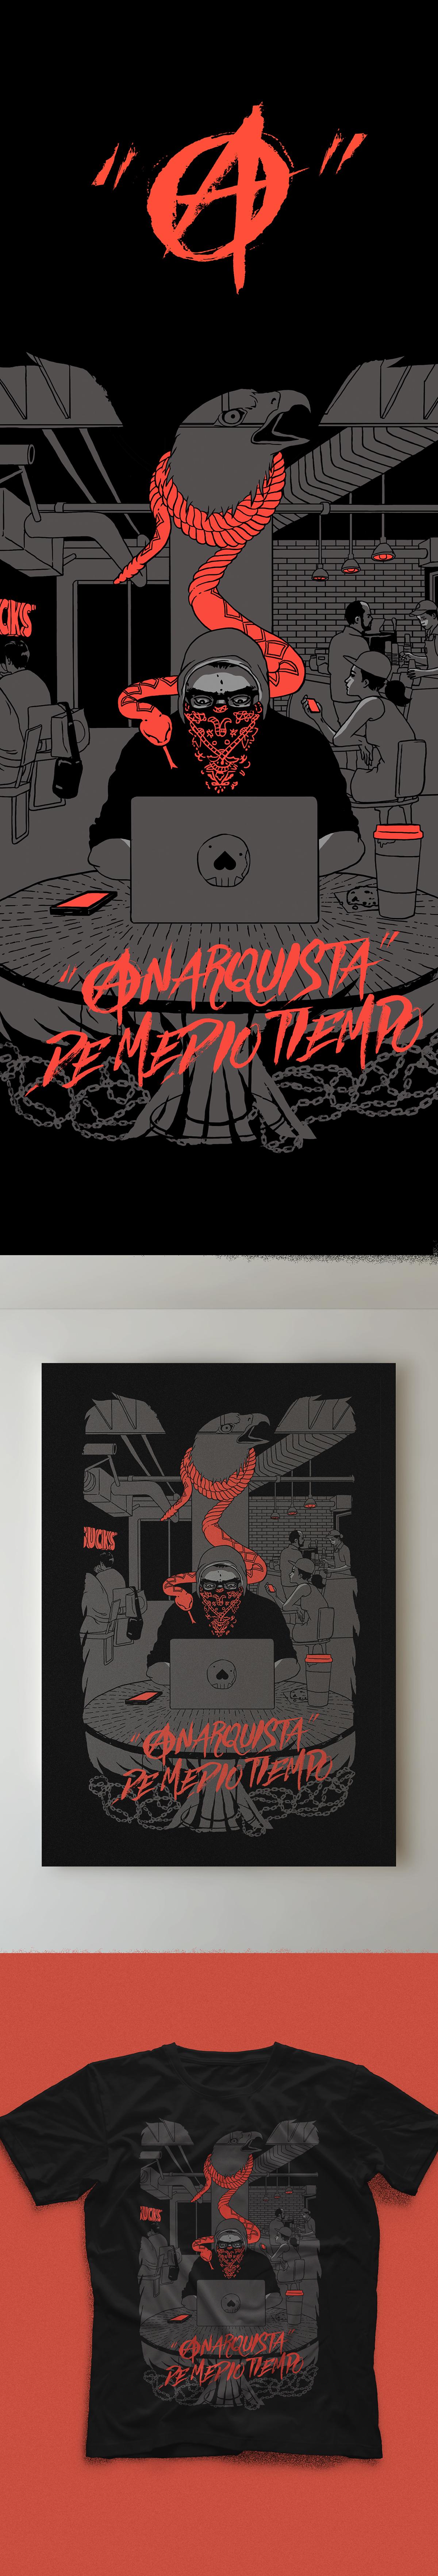 ilustramesta anarquista mexico aguila cafe serpiente ilustramestra3 snake eagle politics proponyprotesta critica autocritica